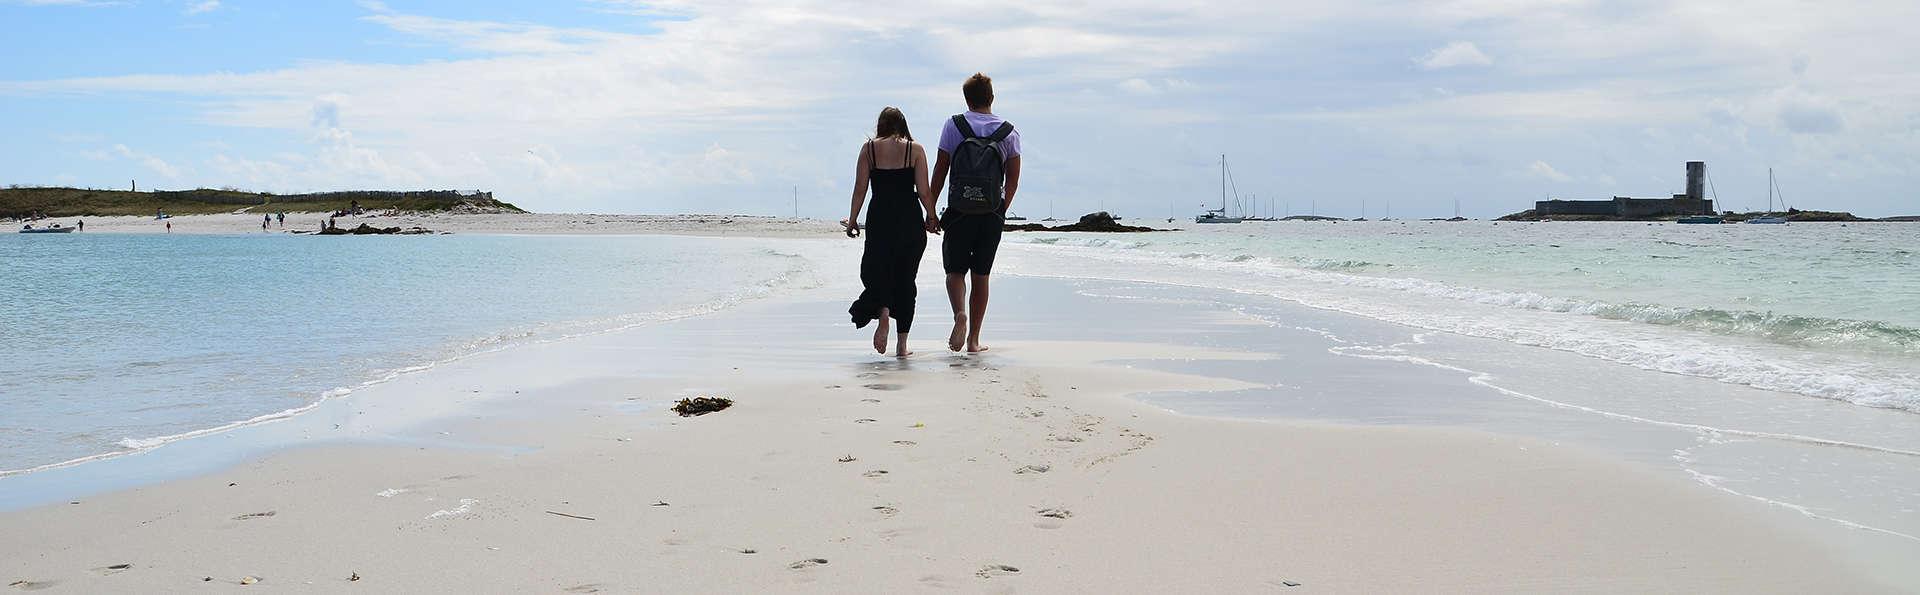 Partez à la découverte des Seychelles bretonnes, traversée en bateau incluse !